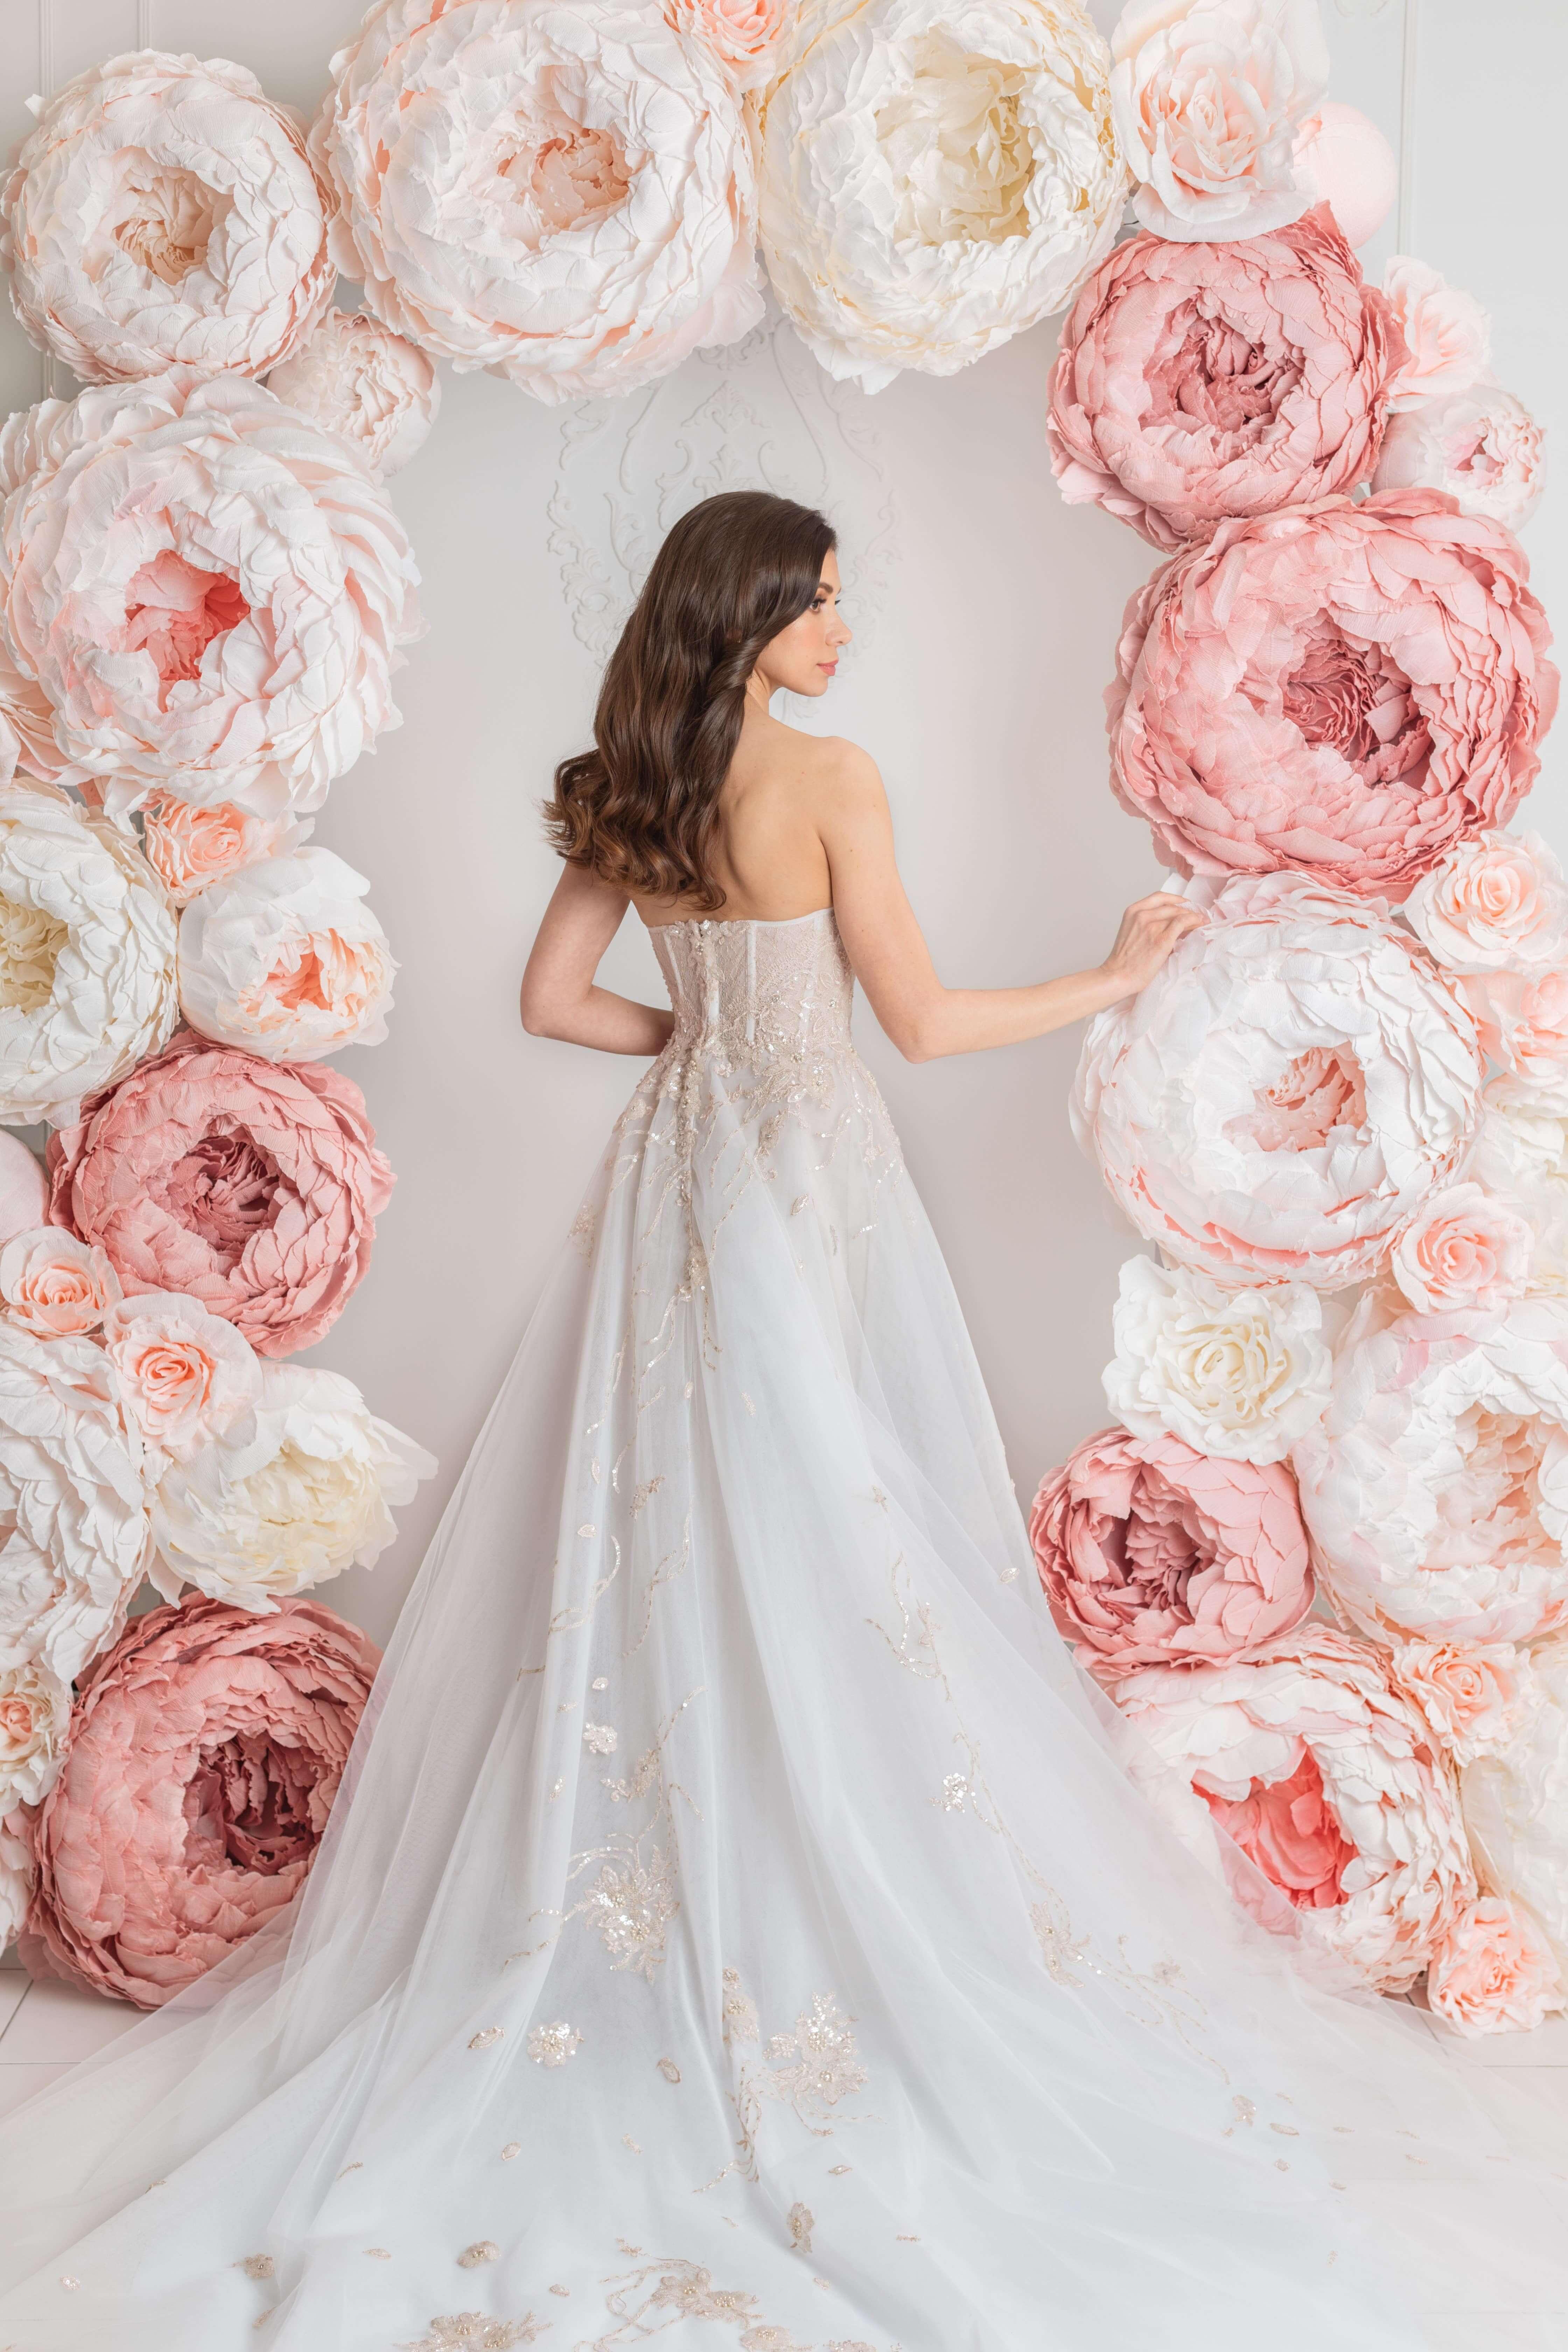 robe de mariee traine longue lilia haute couture dos de corset decore en dentelle